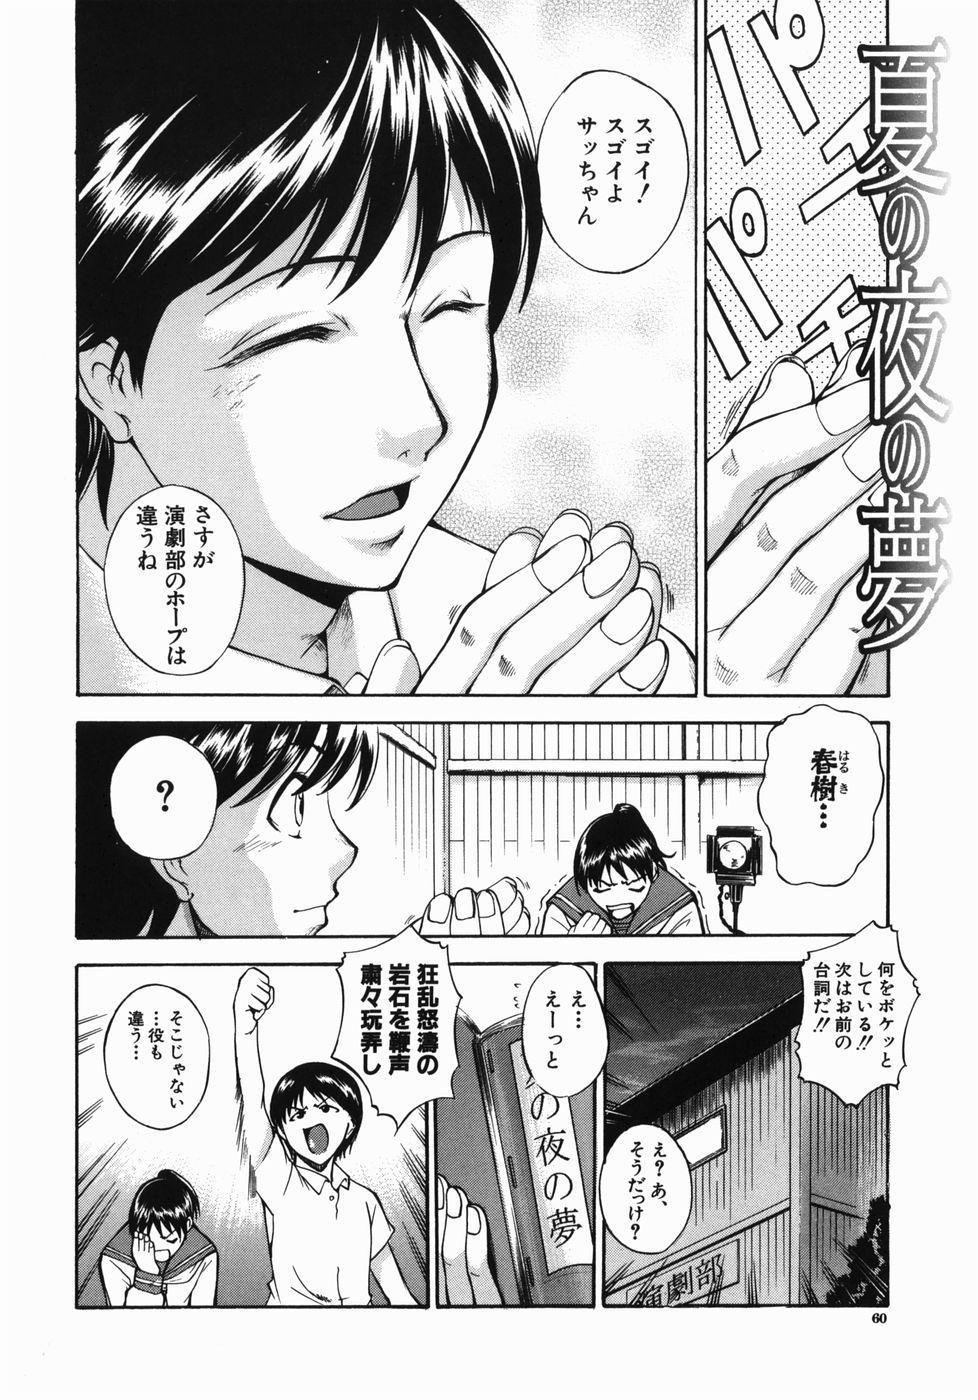 Shiiku Ganbou 59